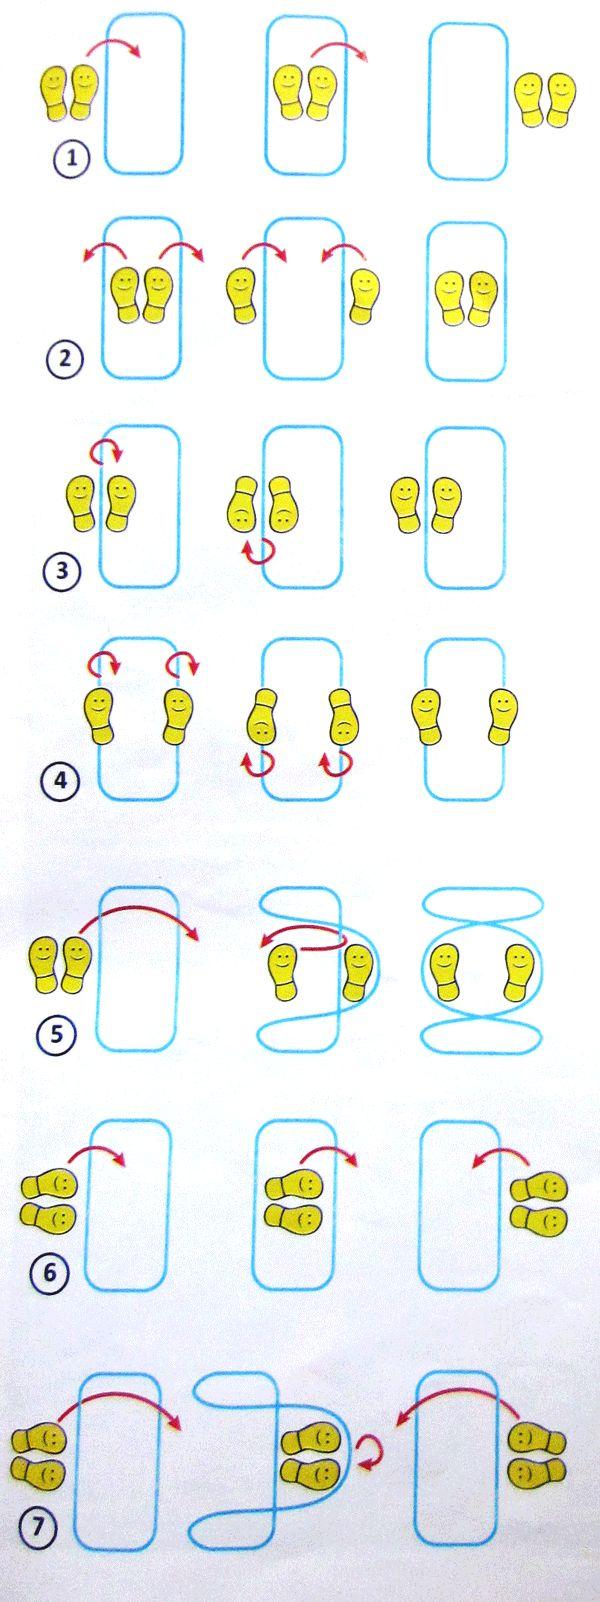 способы методы как прыгать в резиночках